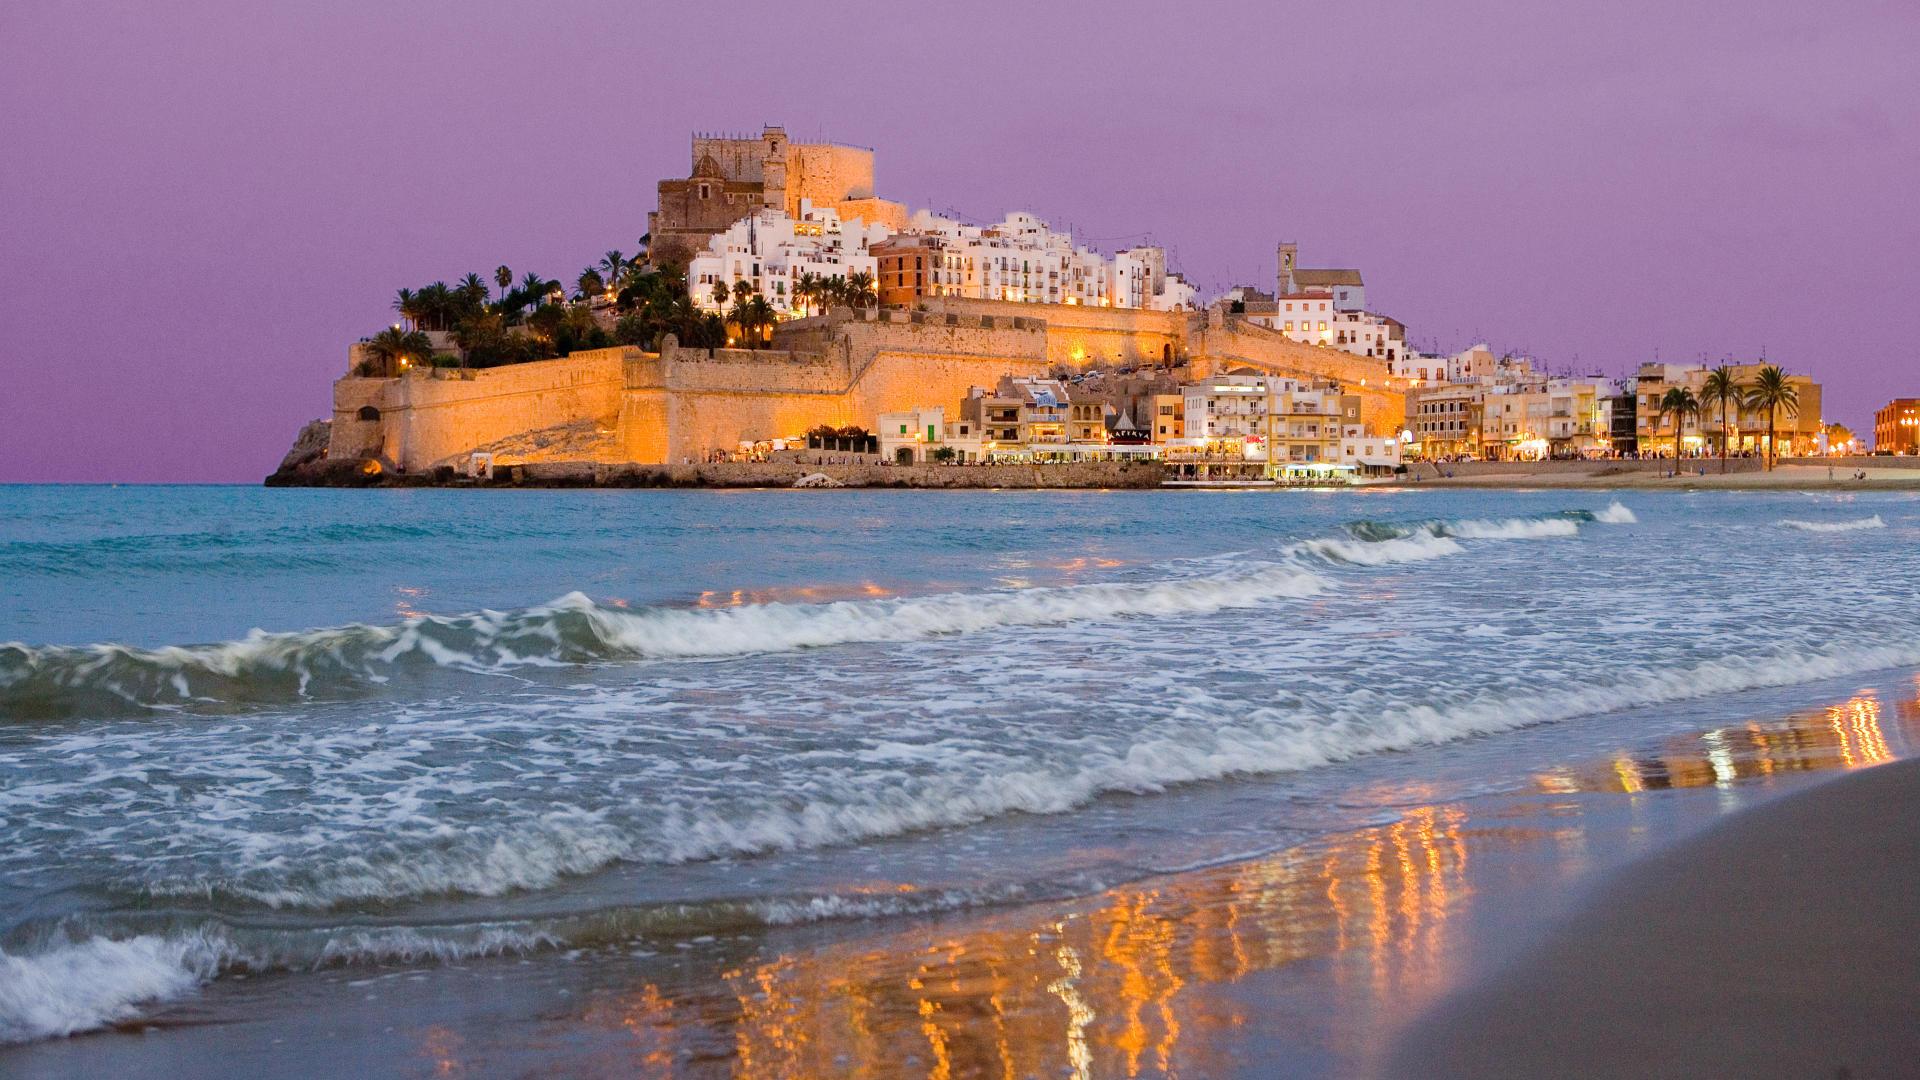 барселона пляж обои на рабочий стол № 540979 бесплатно